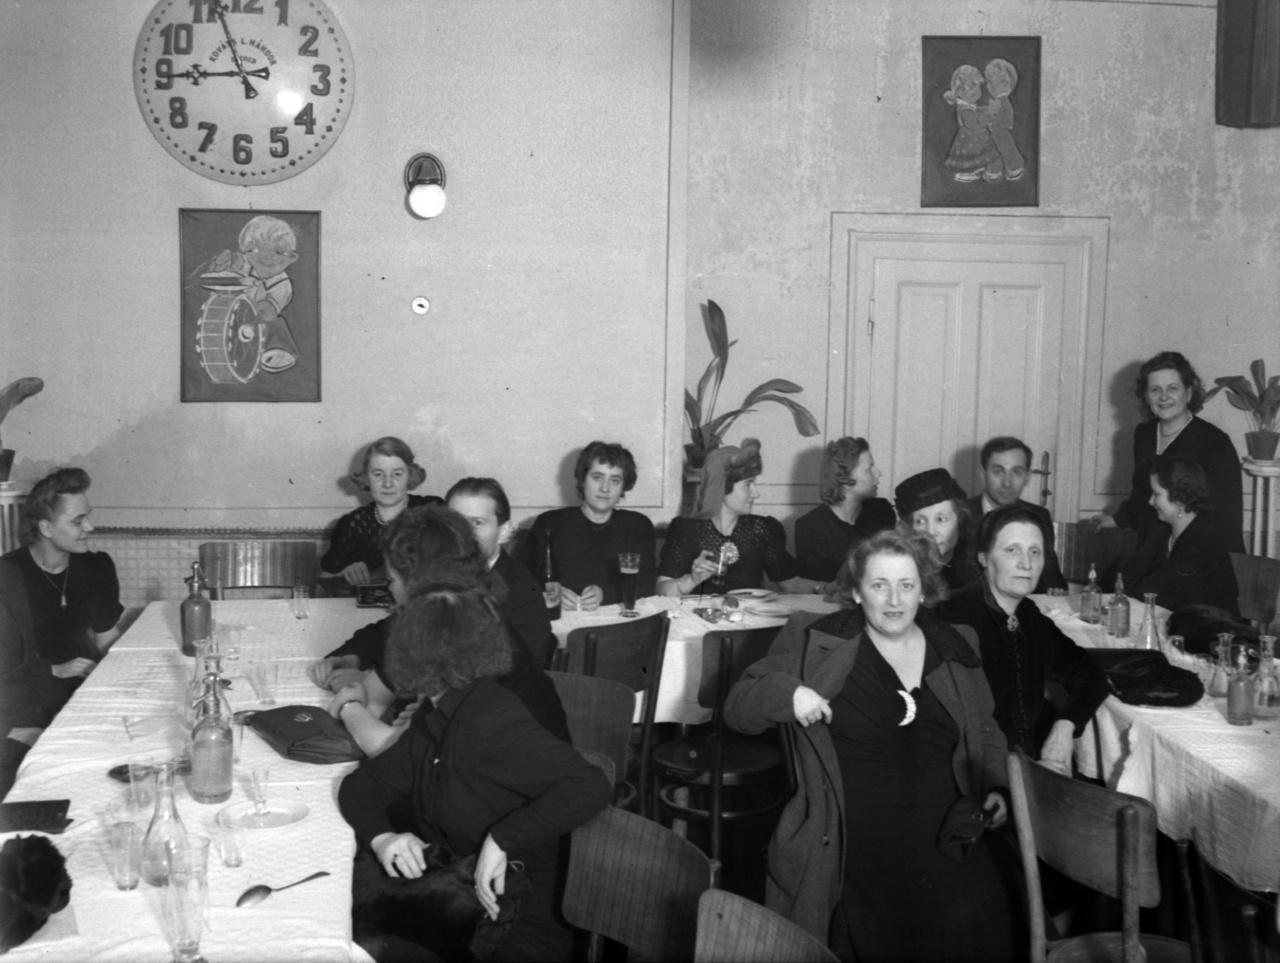 A RaffaybanEste kilenckor már egy órája tartott az elsötétítés, amelyet csak reggeli ötkor oldottak fel. Nemcsak ez, a több épületet elfoglaló hadikórház is emlékeztetett a háborús viszonyokra. A Budapesti Kórus Borsy Engelbert ferences kórházi lelkész kérésére meglátogatta a Szegeden ápoltsebesült katonákat, és magyar népdalokat énekelt nekik.